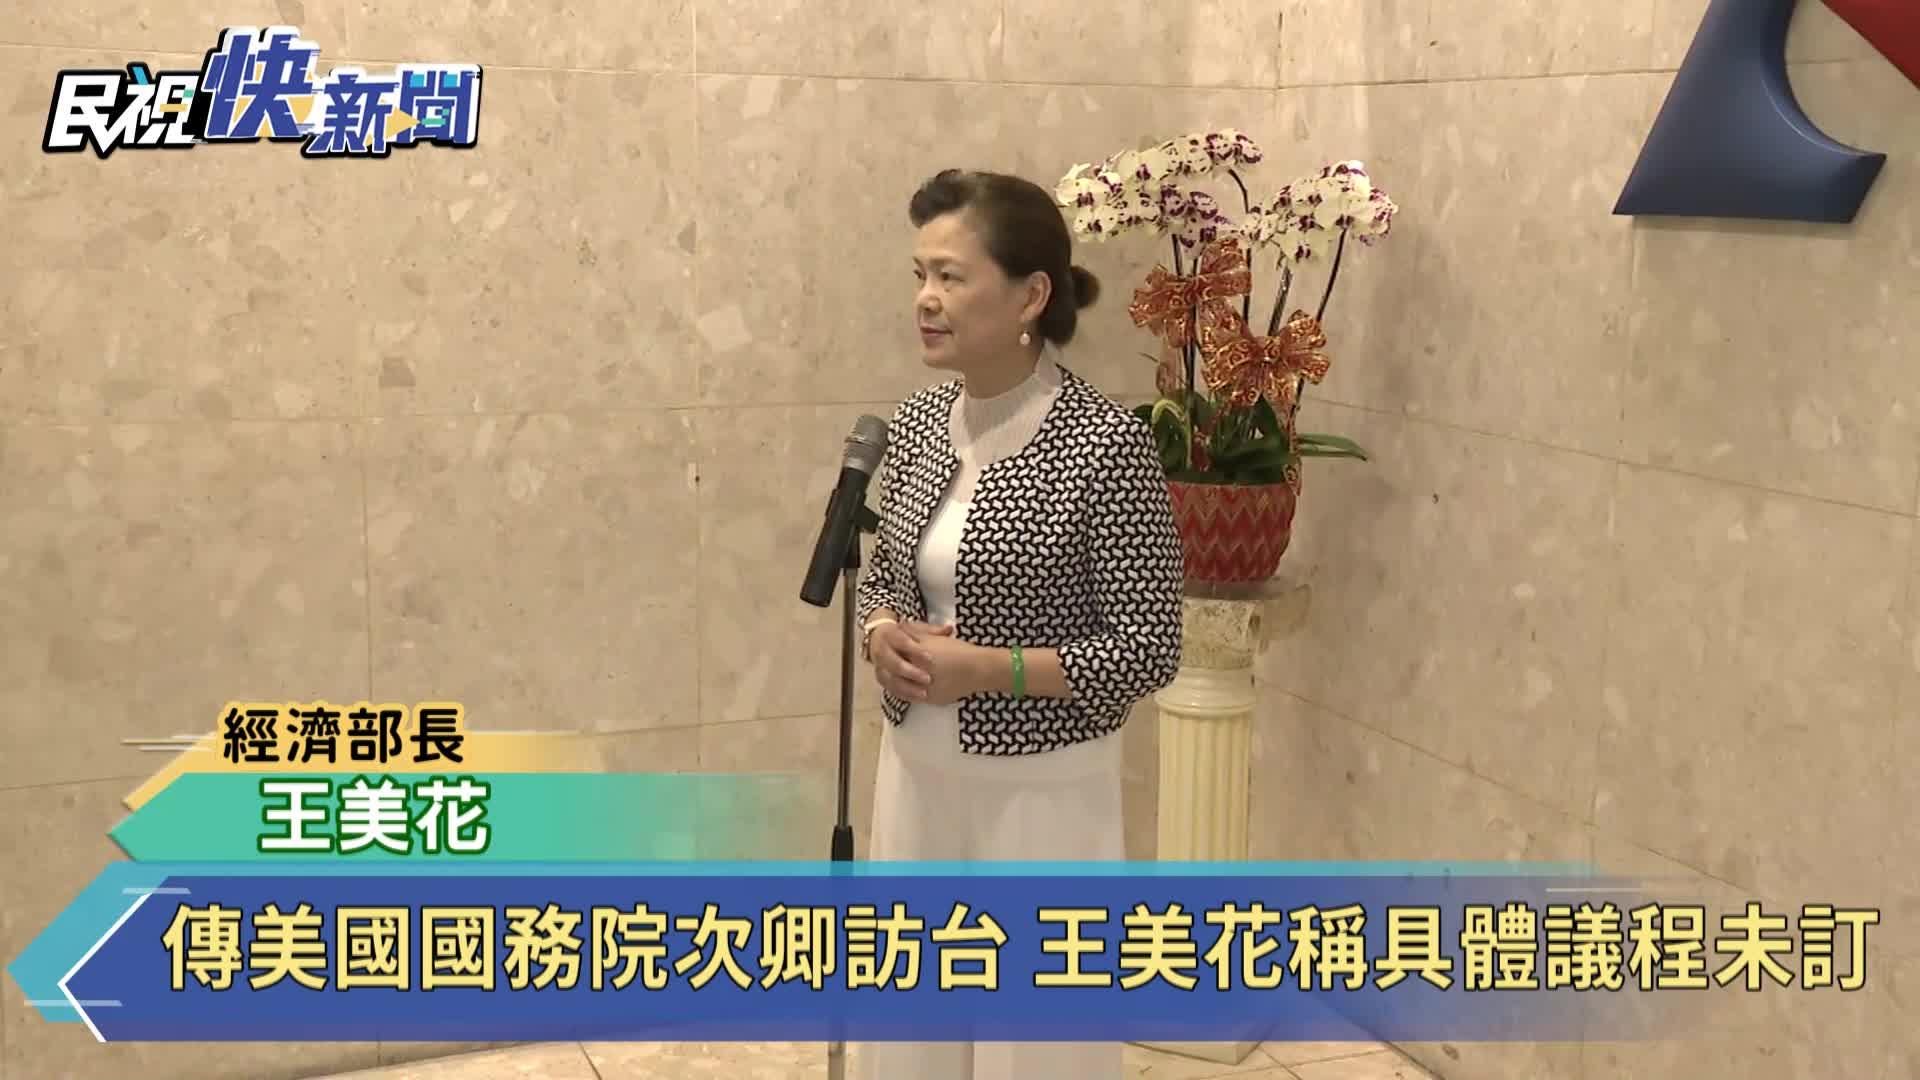 快新聞/傳美國國務院次卿將訪台 王美花:議程未訂朝經濟合作方向準備